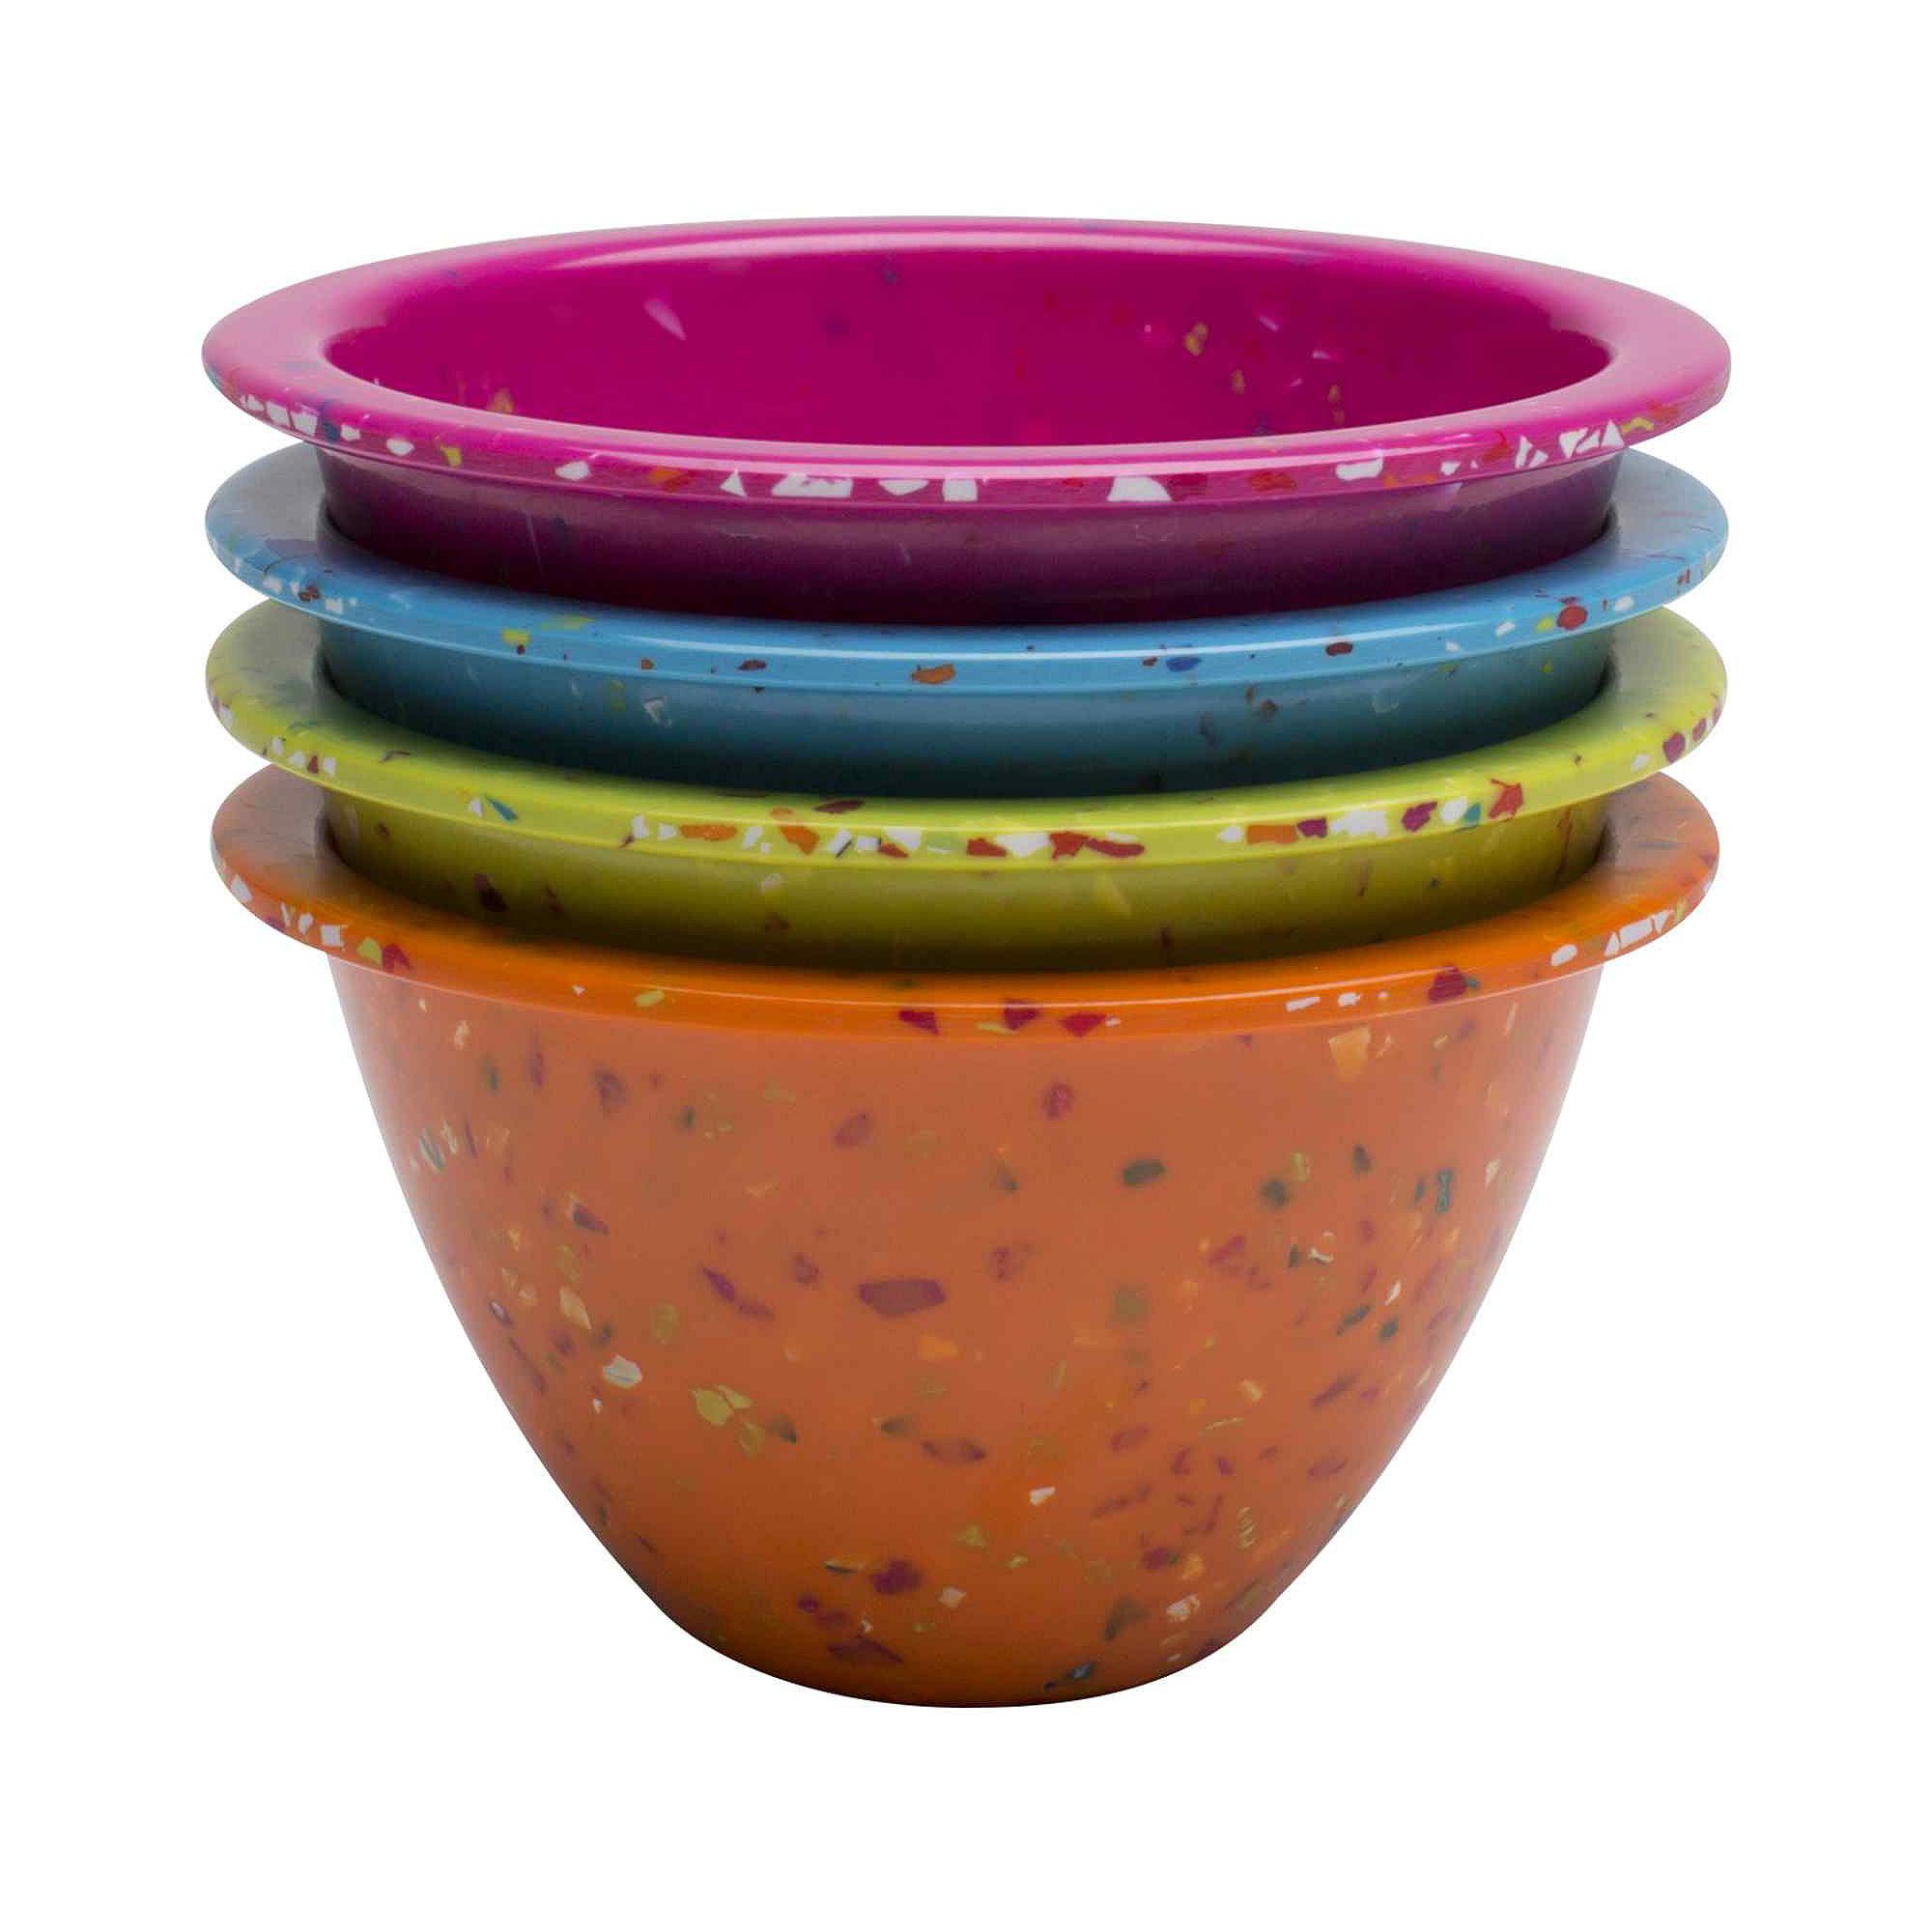 Zak Designs Confetti Set of 4 Classic Prep Bowls